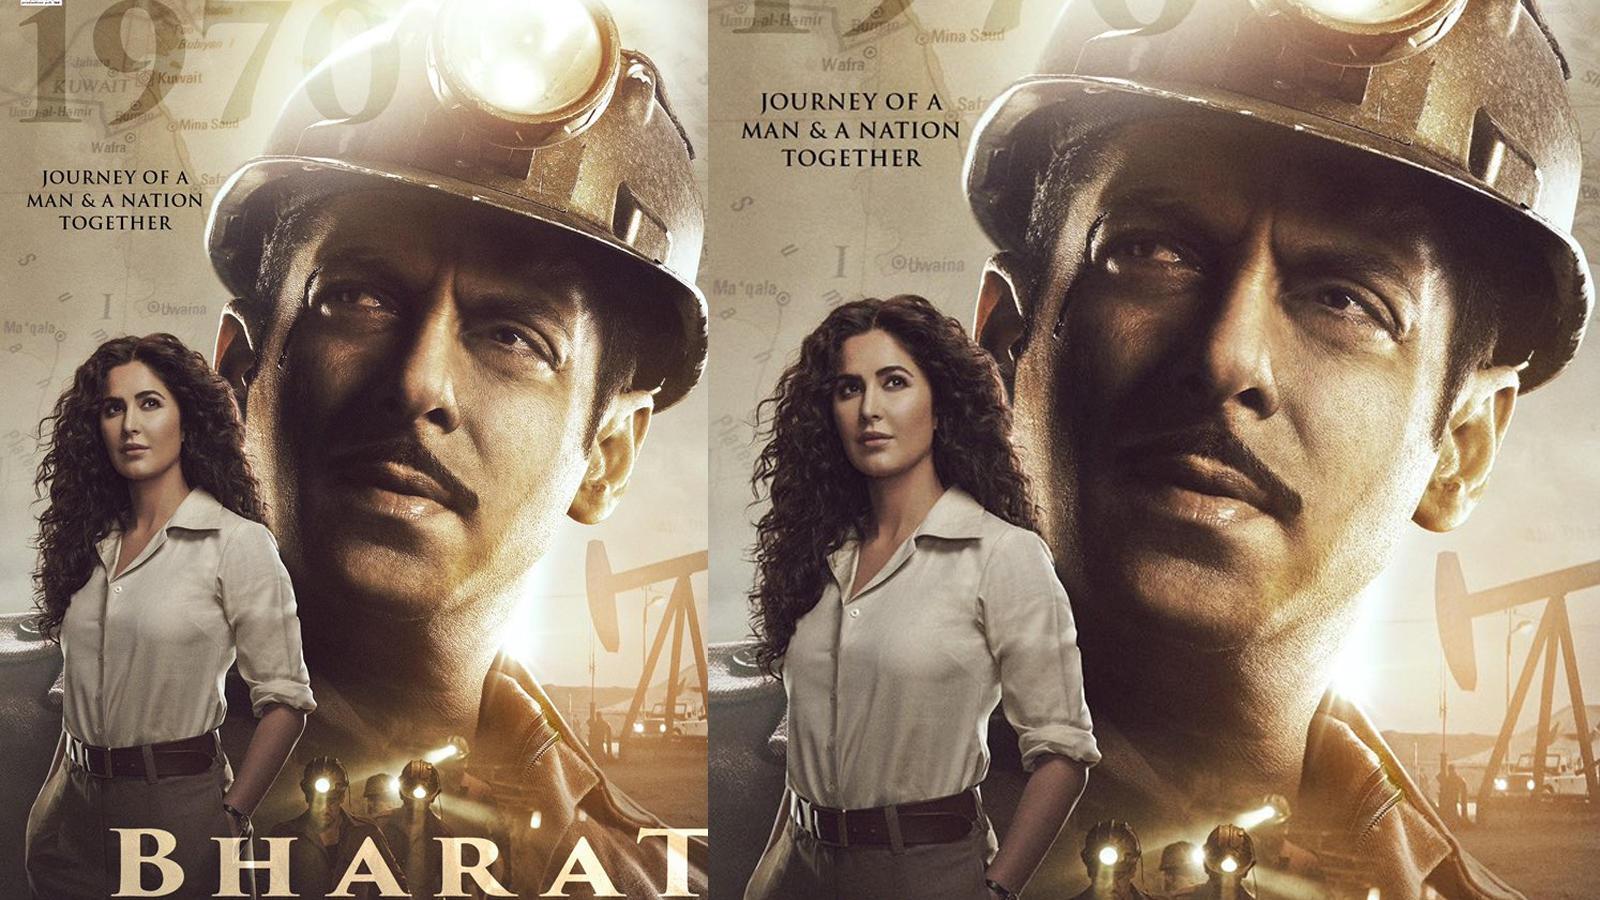 Salman Khan introduces 'Madam Sir' Katrina Kaif in 'Bharat' new poster